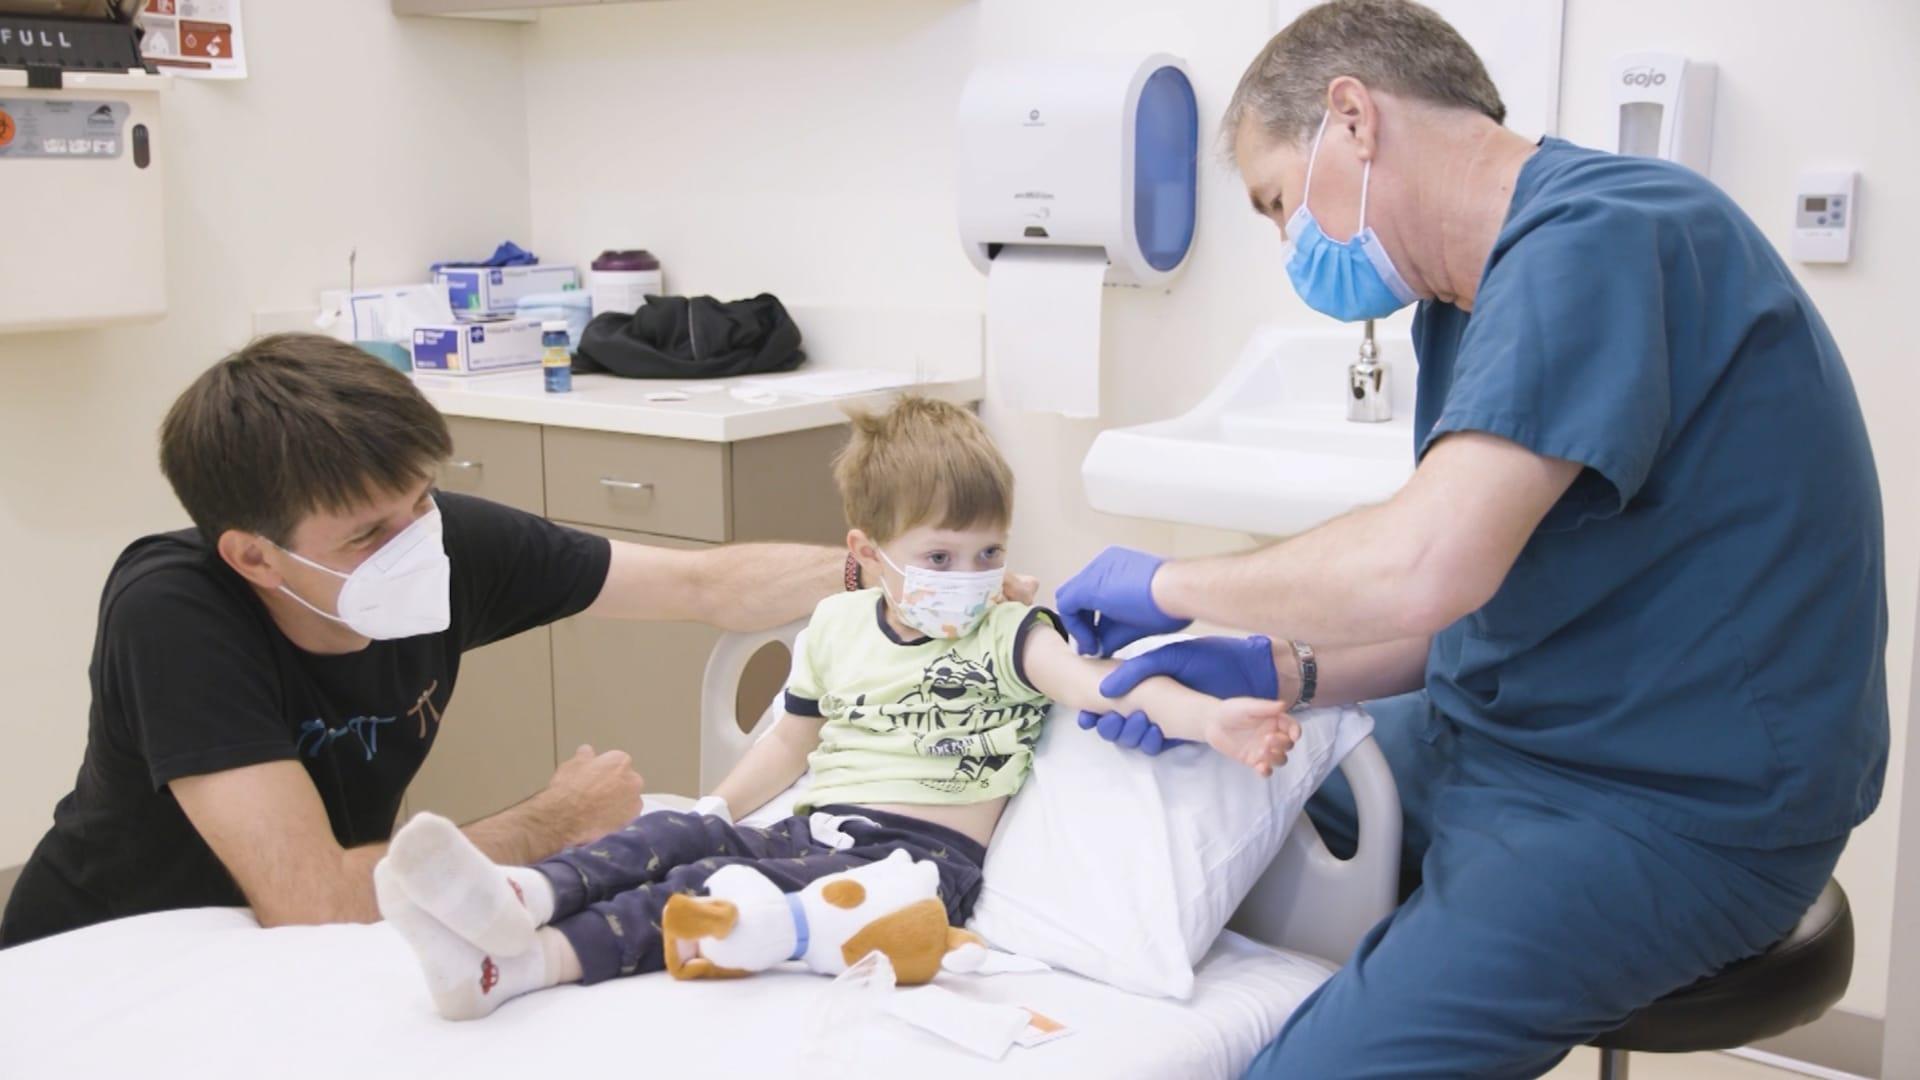 تردد الآباء والأمهات لتطعيم أطفالهم قد يكون العقبة القادمة في جائحة كورونا